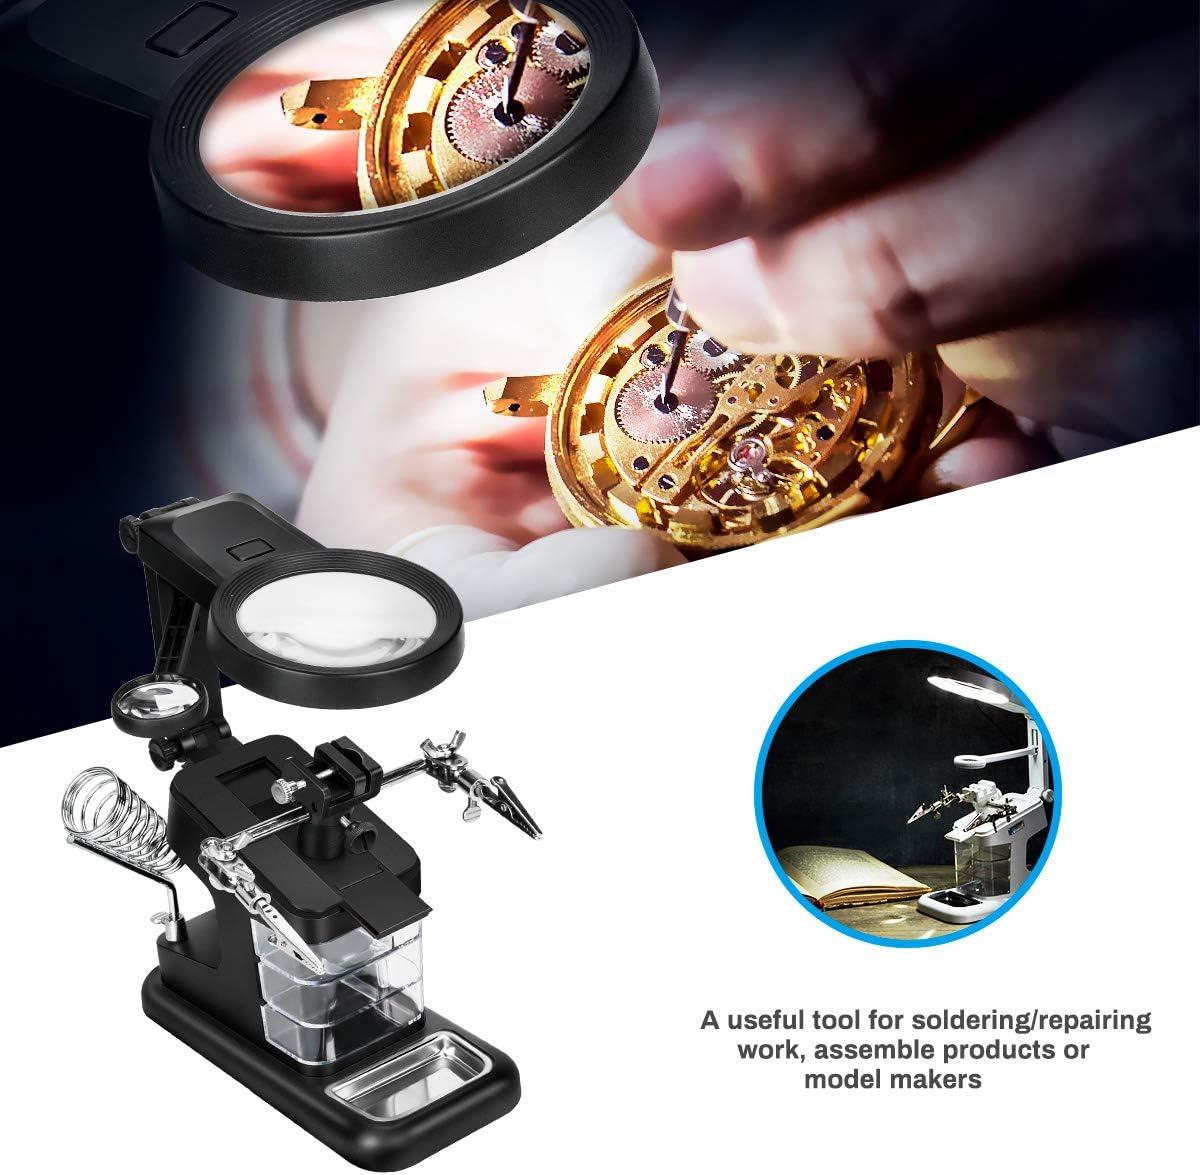 ensamblaje Powcan Lupa de soldadura multifuncional 3X // 4,5X // 25X Lupa de manos con ayuda de luz LED con pinza y pinzas de cocodrilo-Lupa para soldadura negro reparaci/ón y modelado,lupa lectura